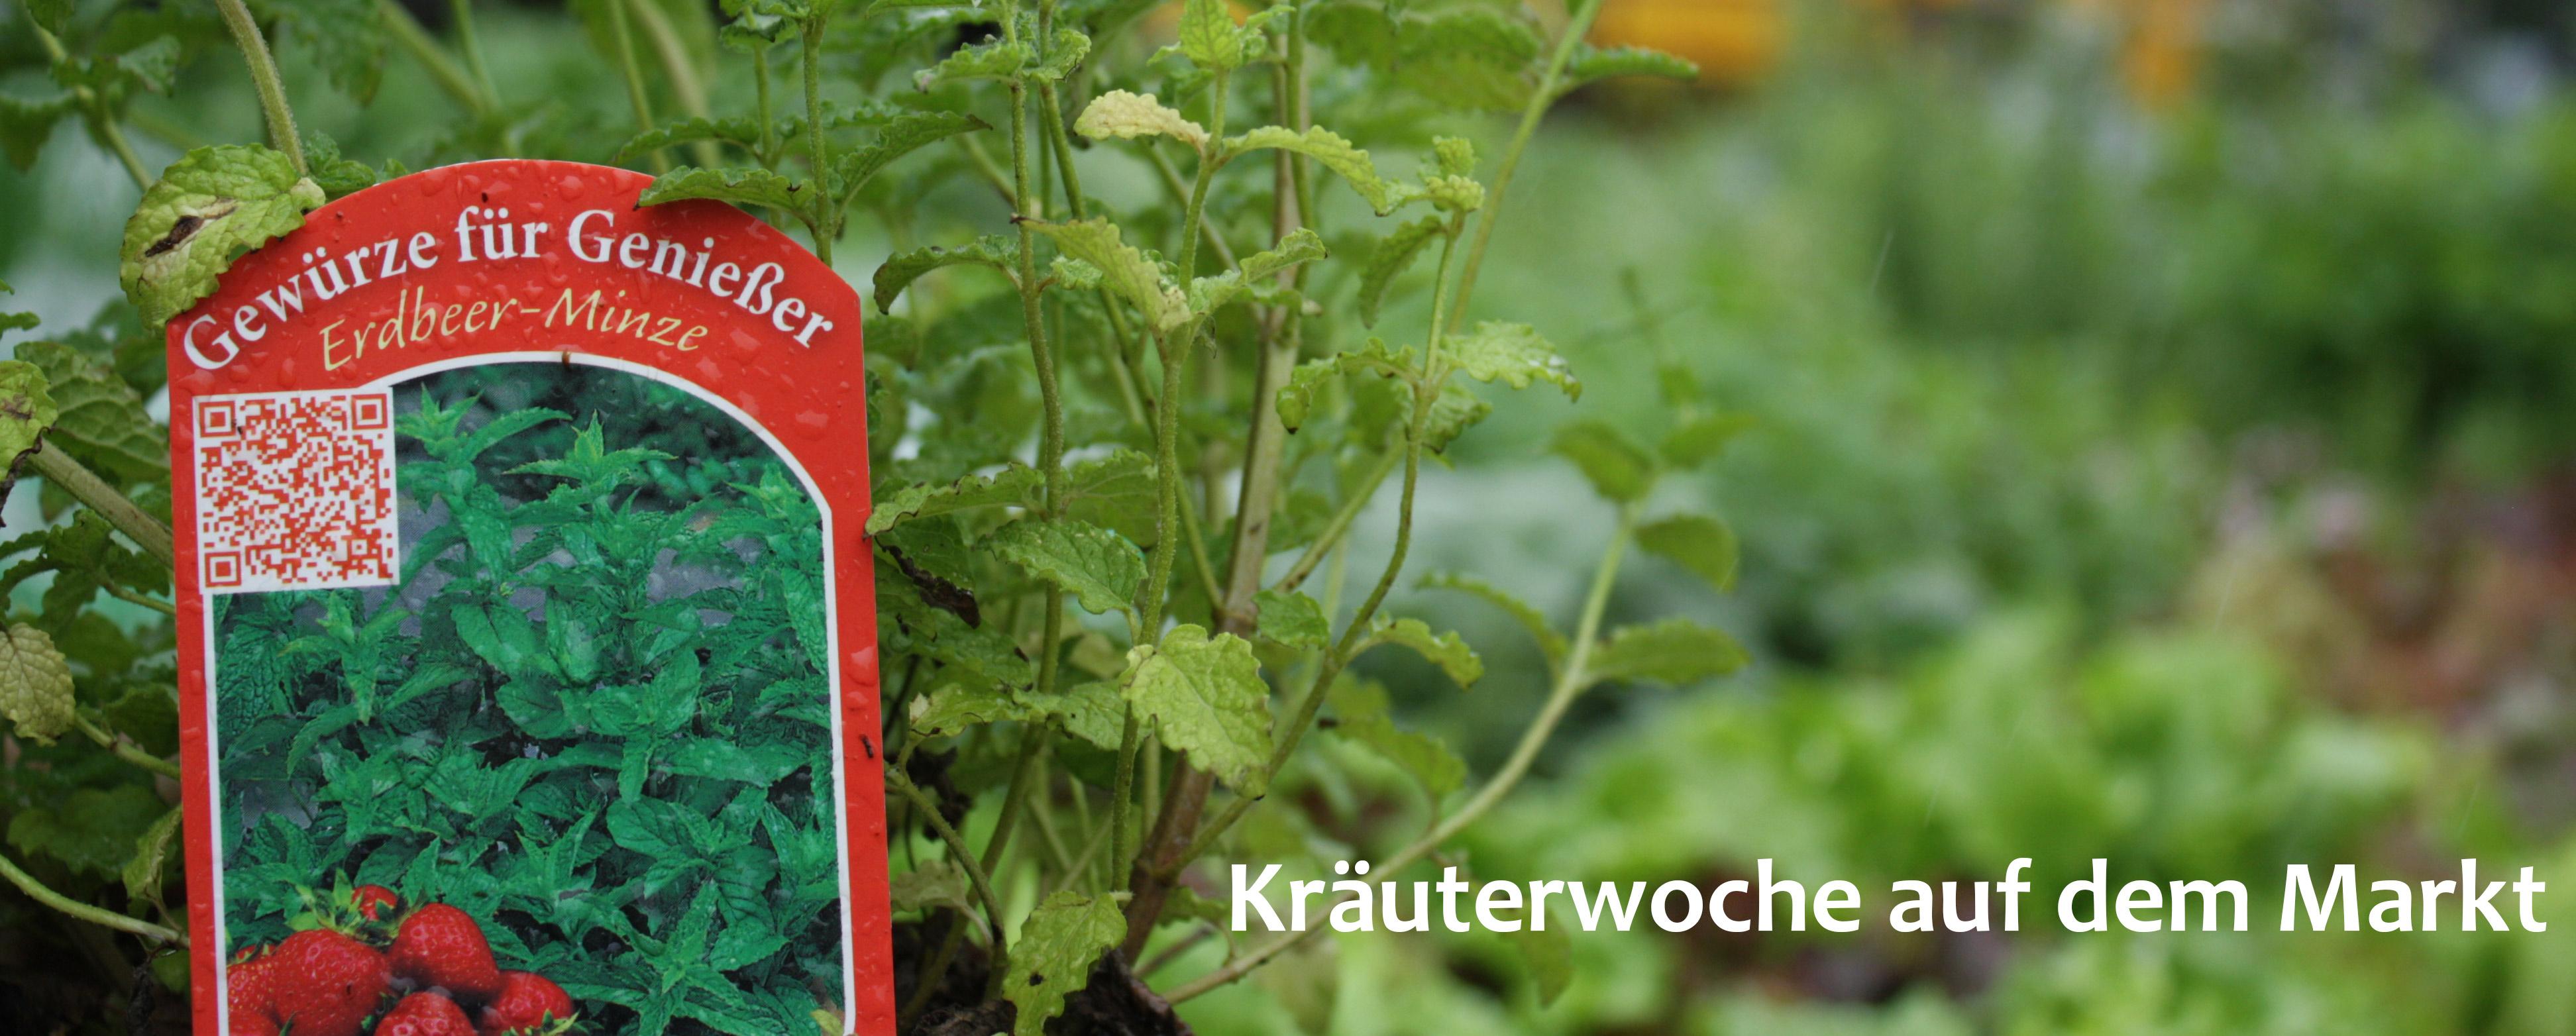 Wochenmarkt Hilden: Kräuterwoche mit tollen Rezepten